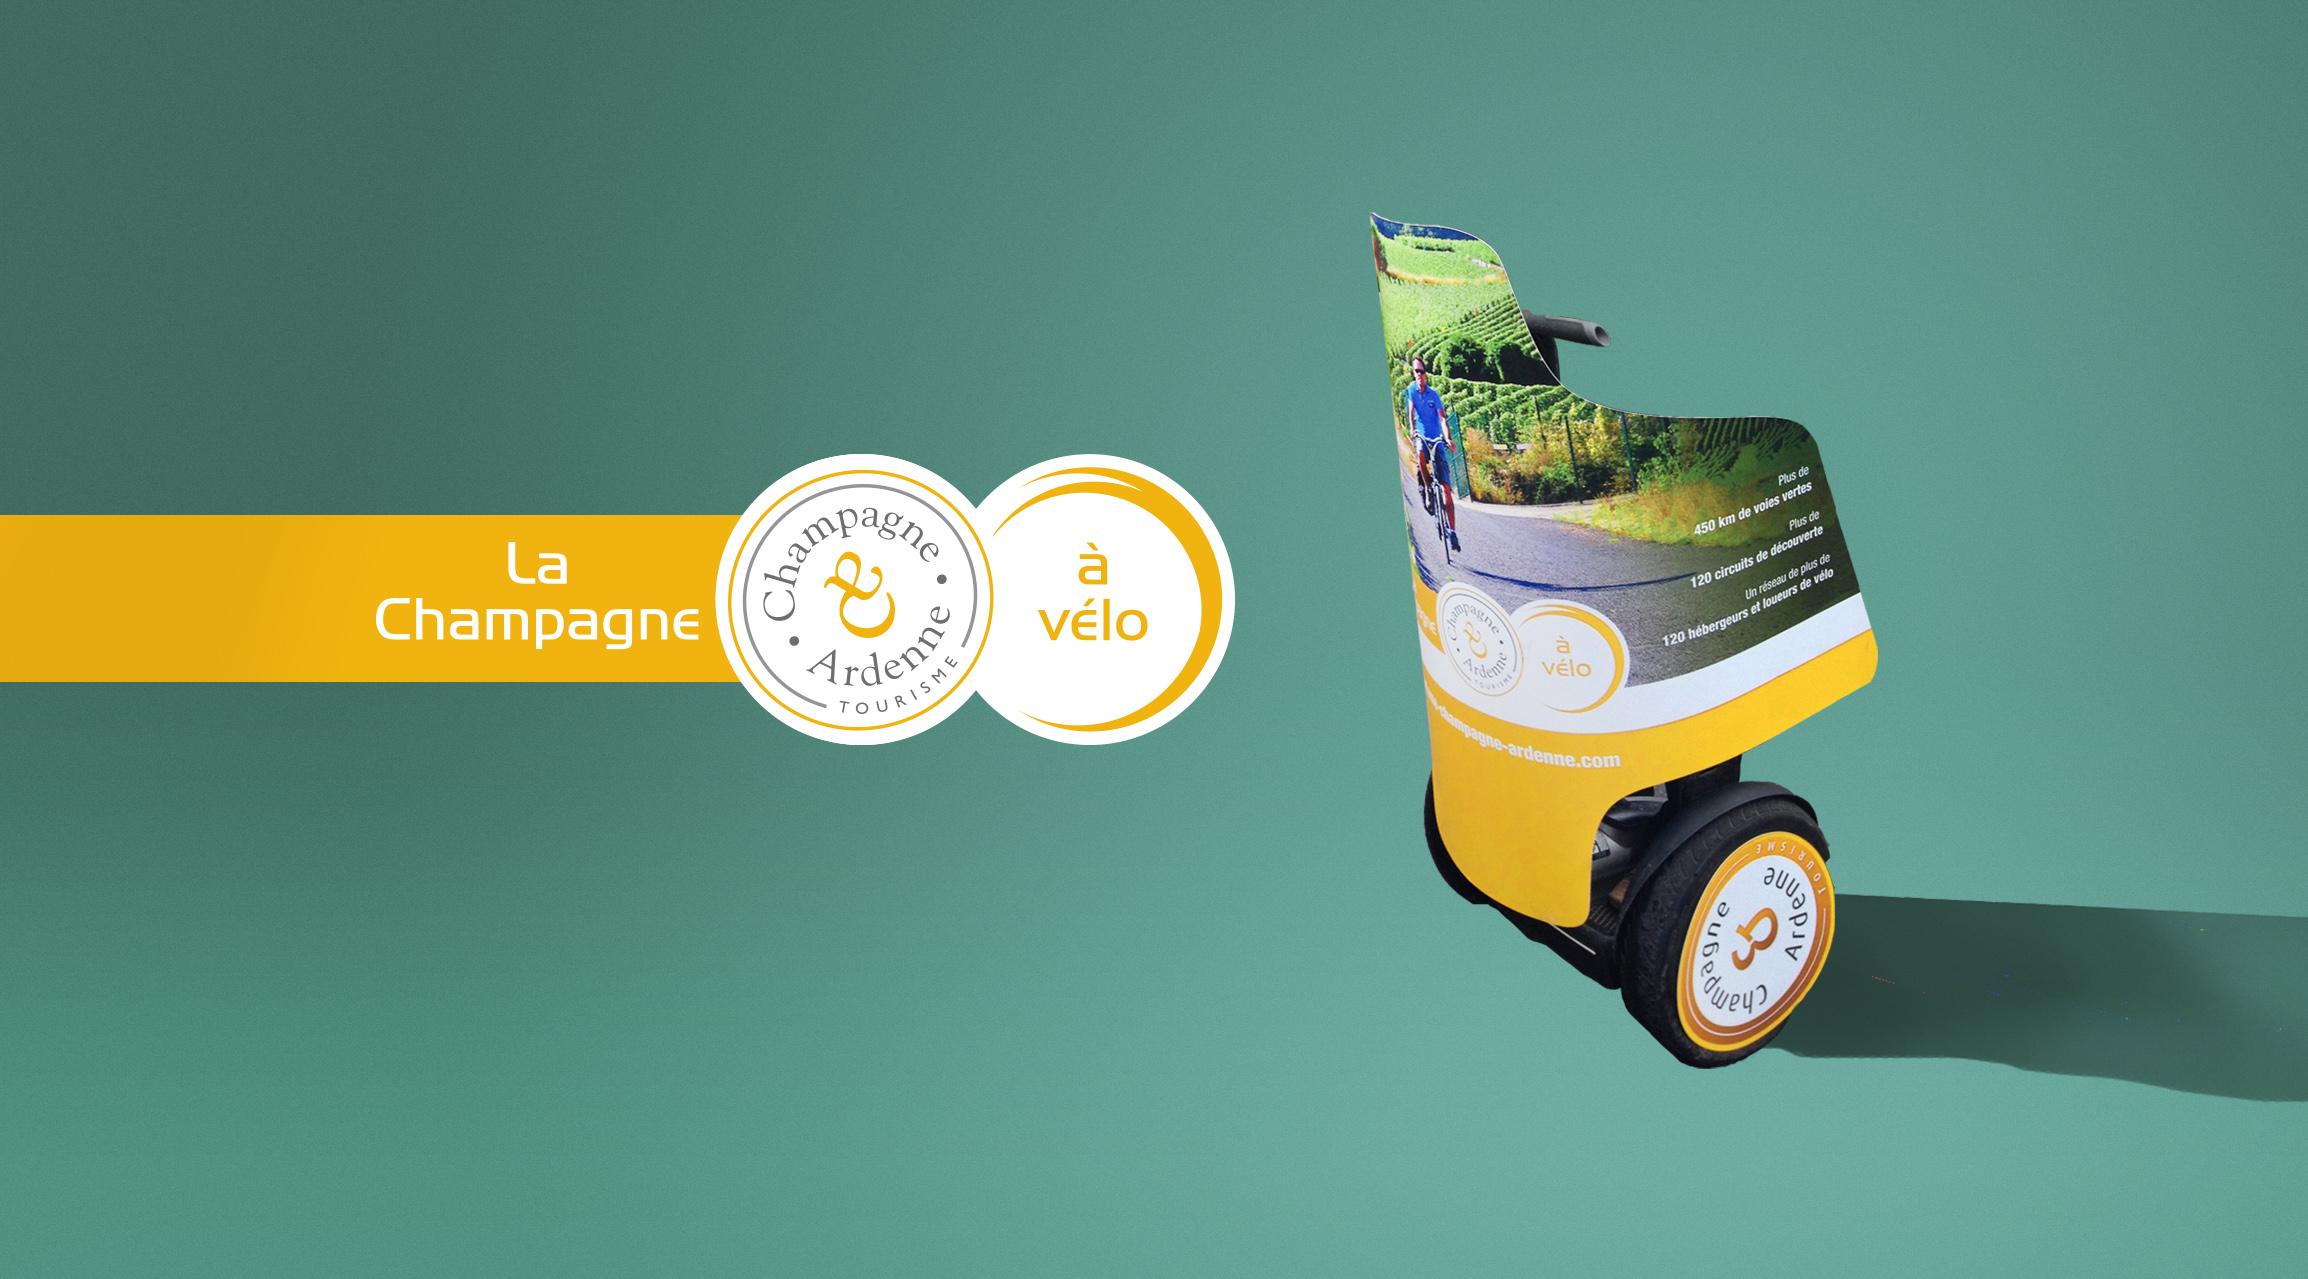 Segway réalisé par l'agence de communication 360° Talacom